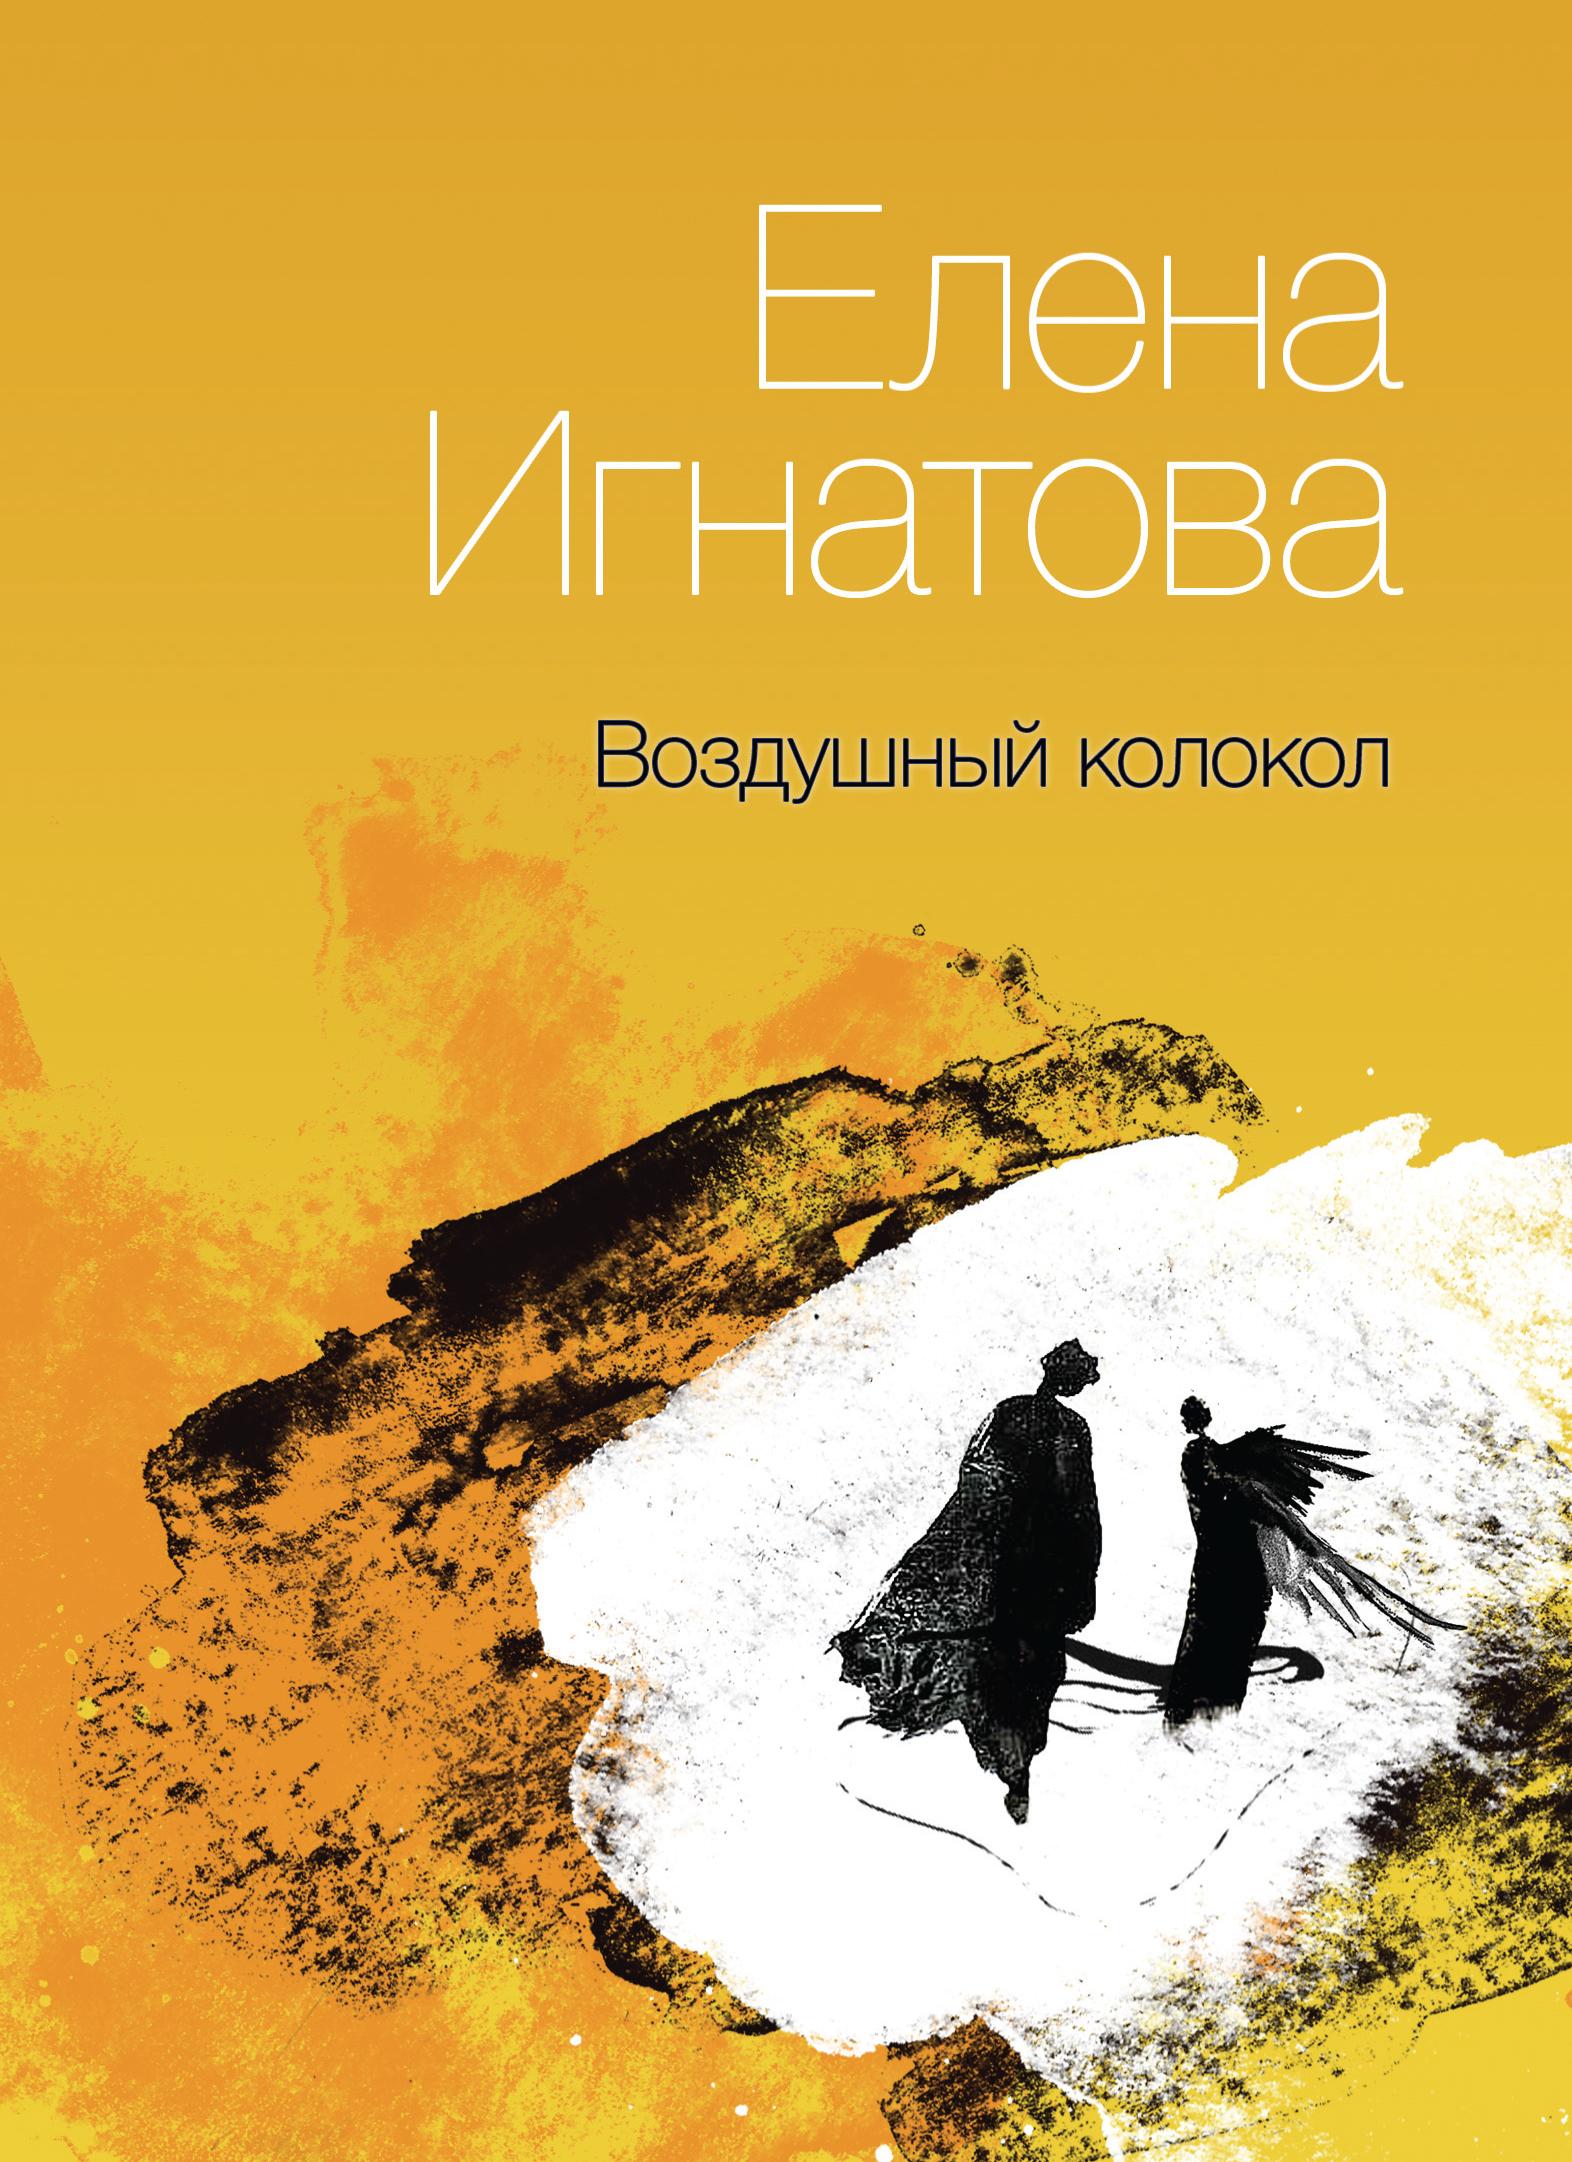 Елена Игнатова Воздушный колокол. Книга стихов смирнов в г колокол и держава